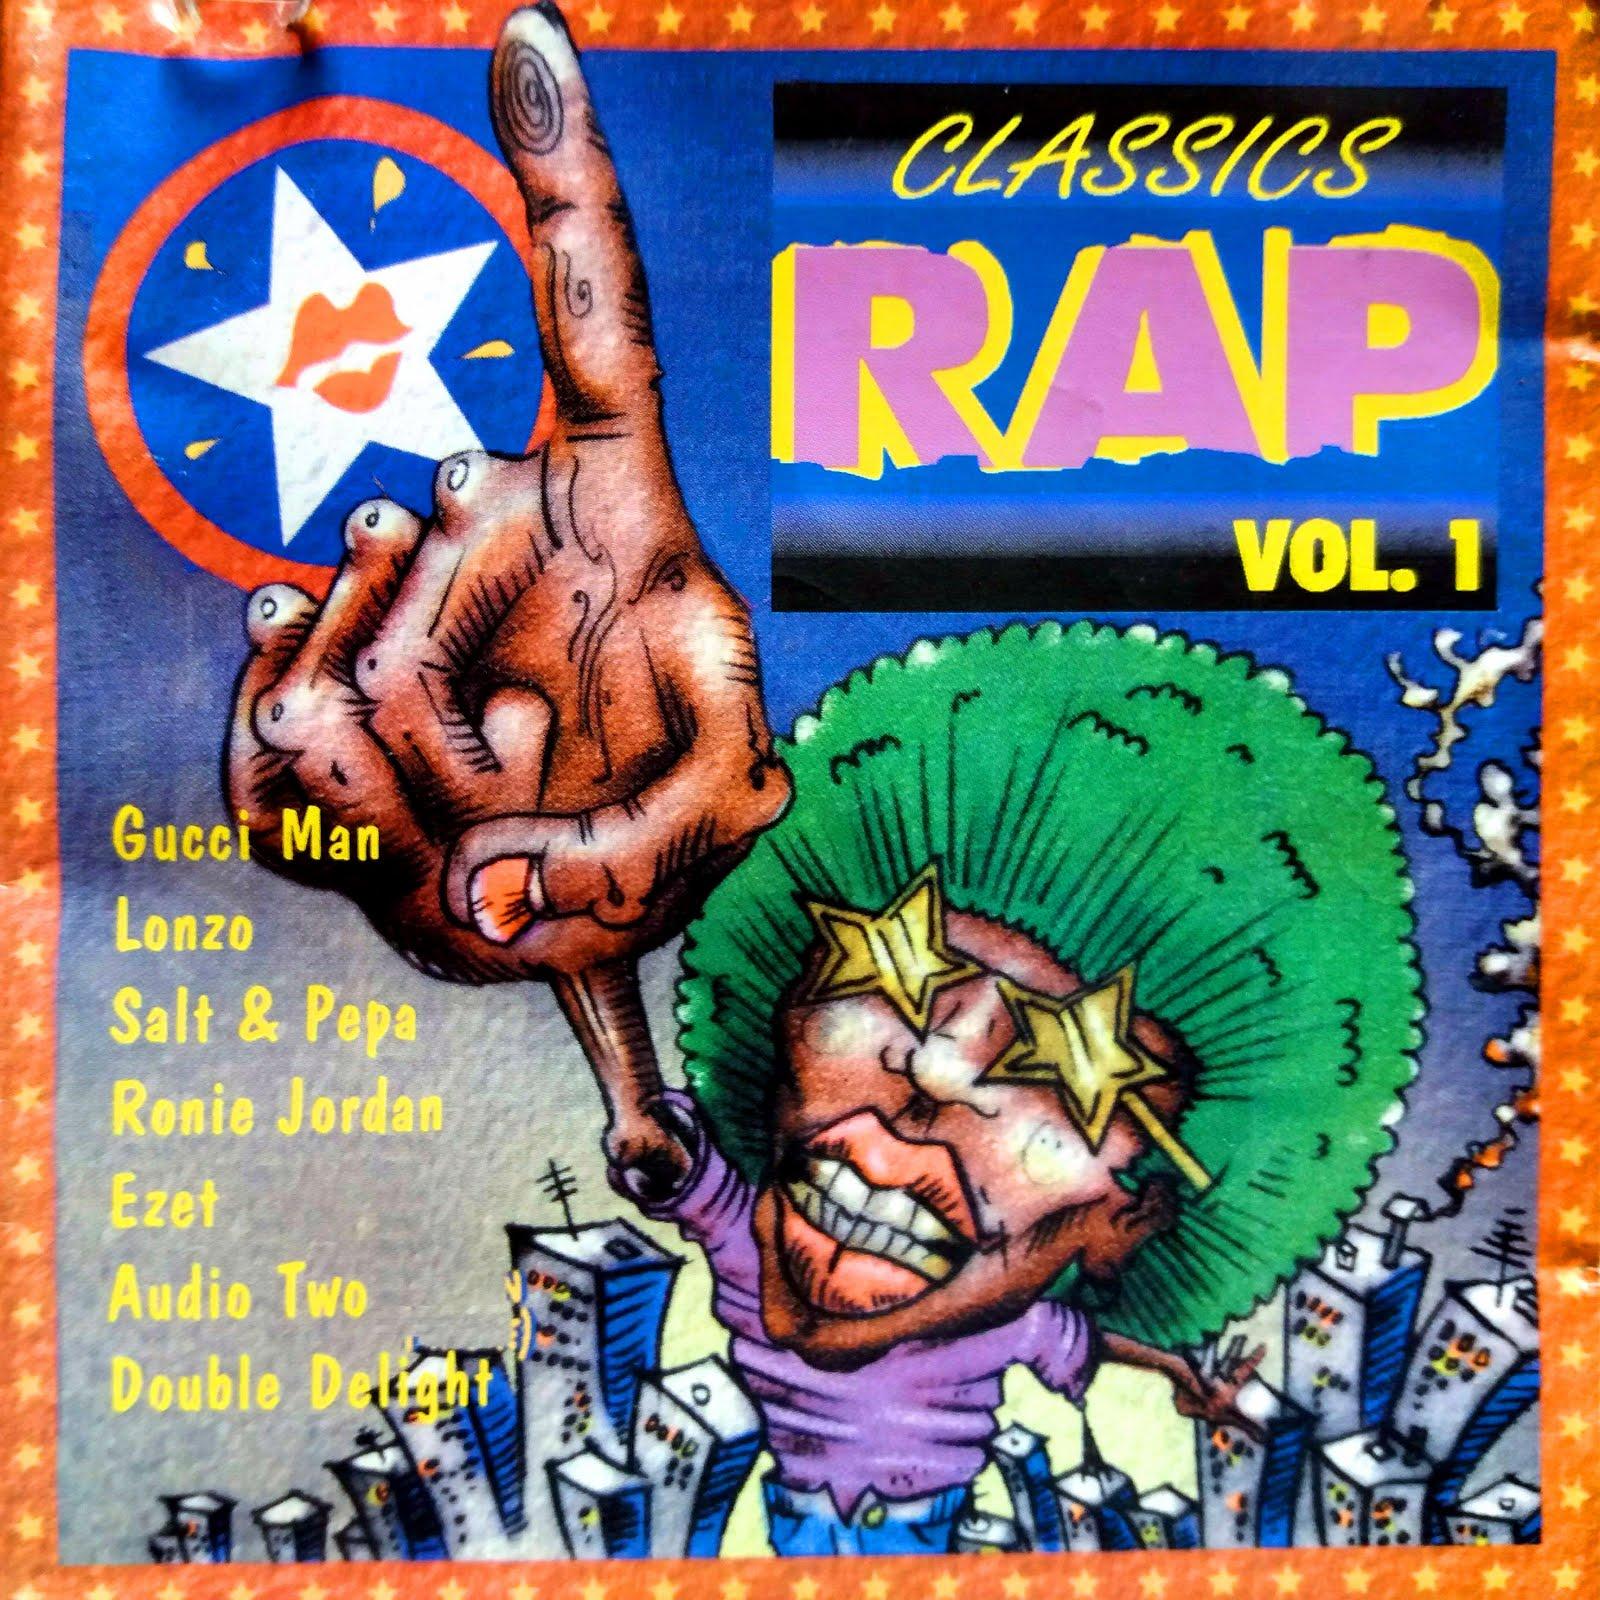 Classics Rap Vol. 1